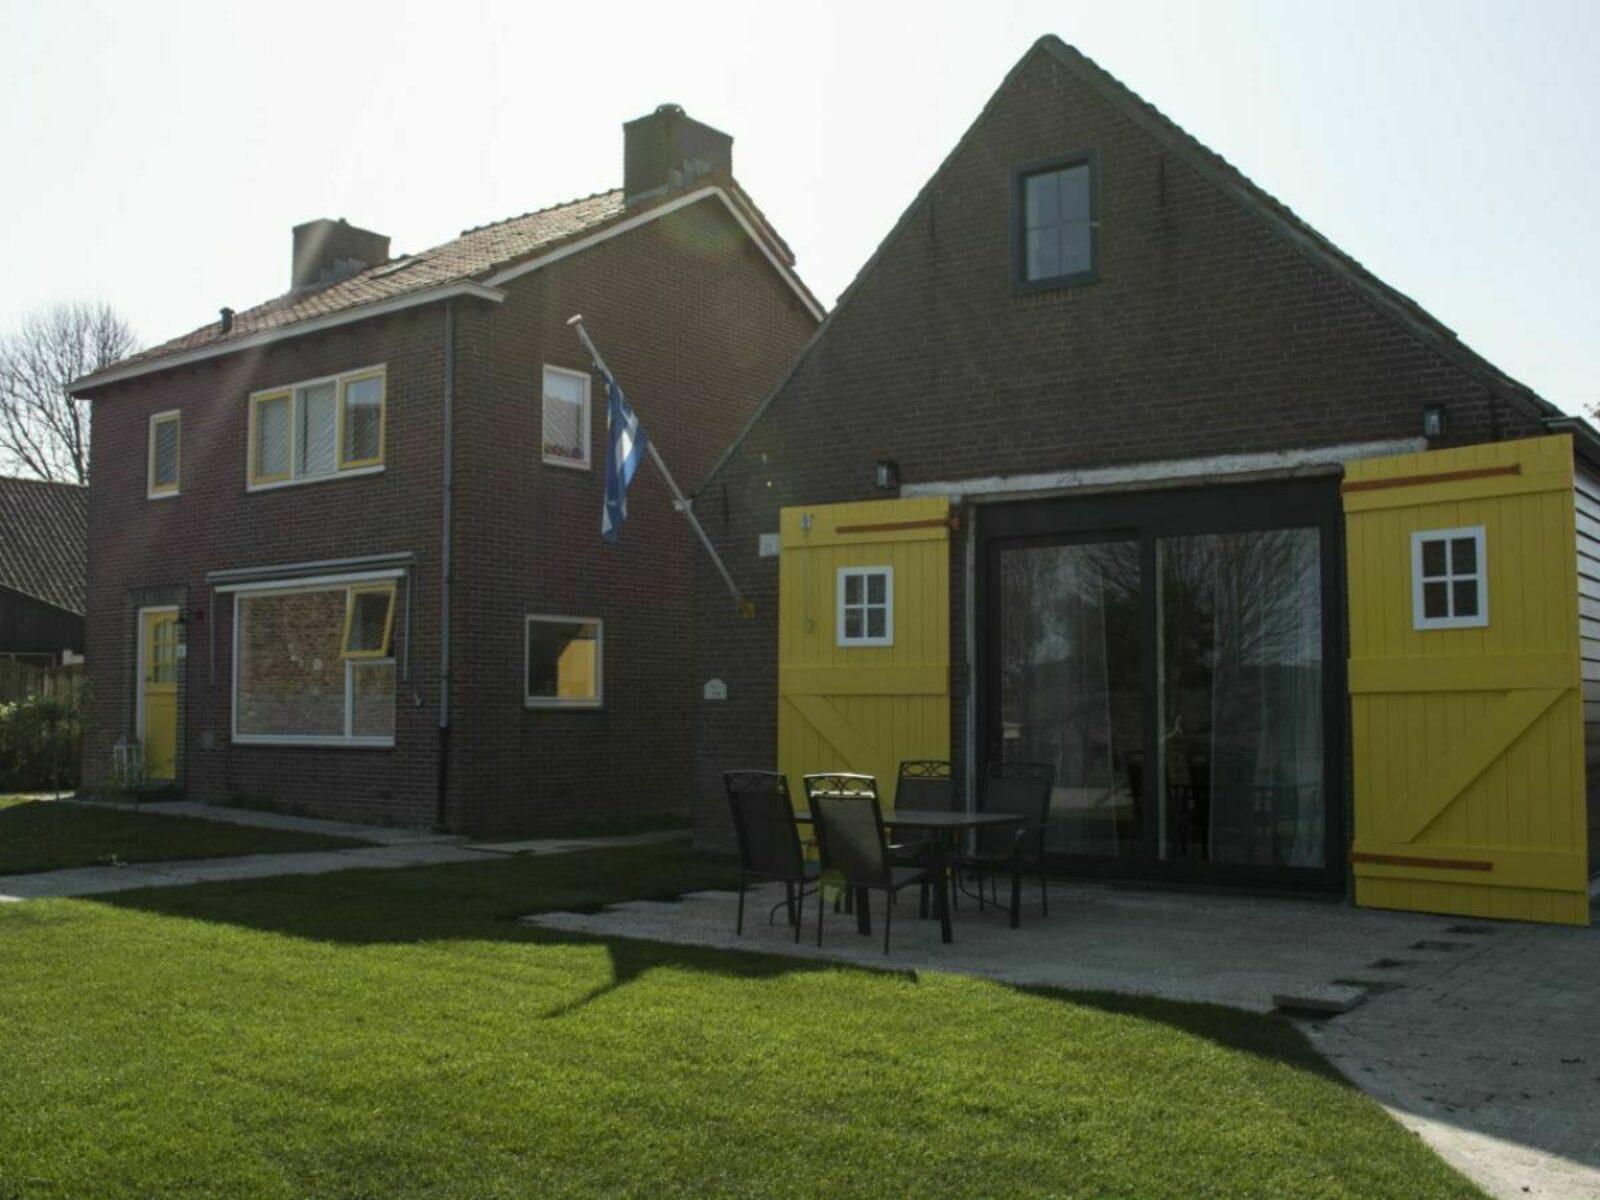 Vakantiewoning - Zoutelandseweg 2 | Biggekerke